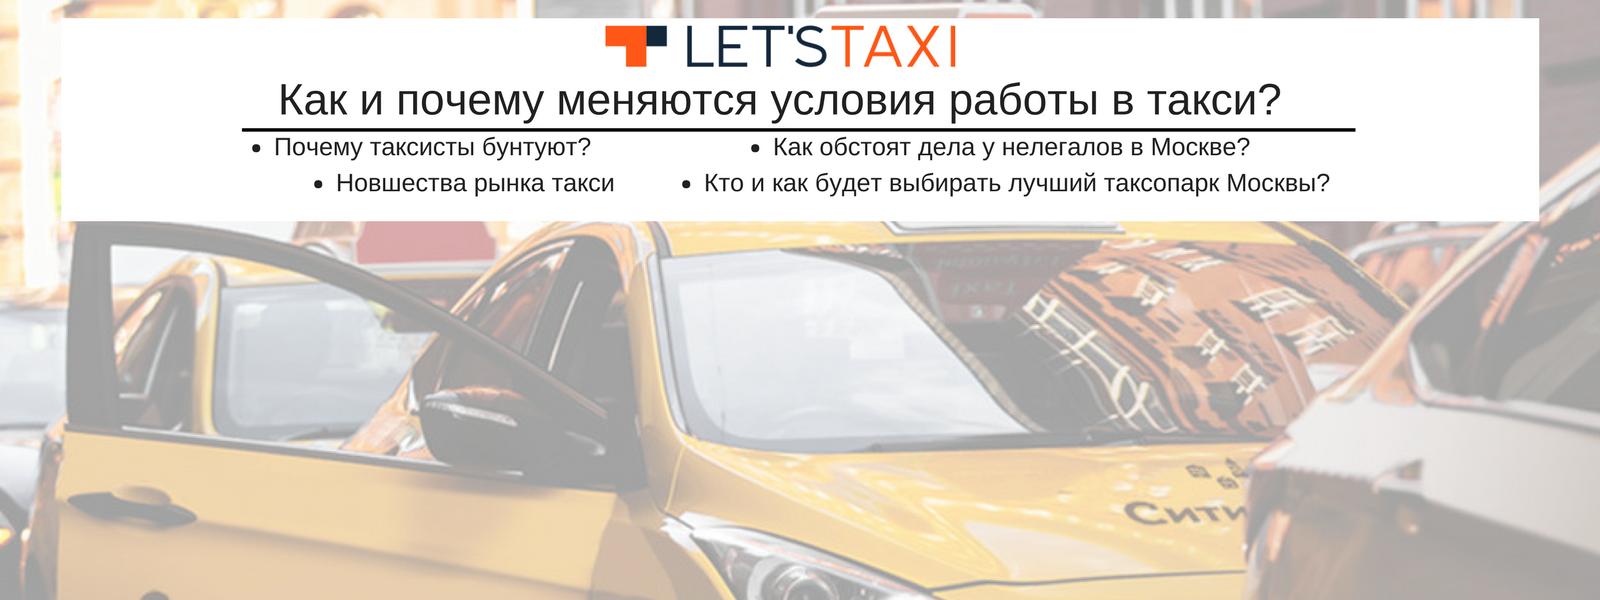 Условия работы в такси